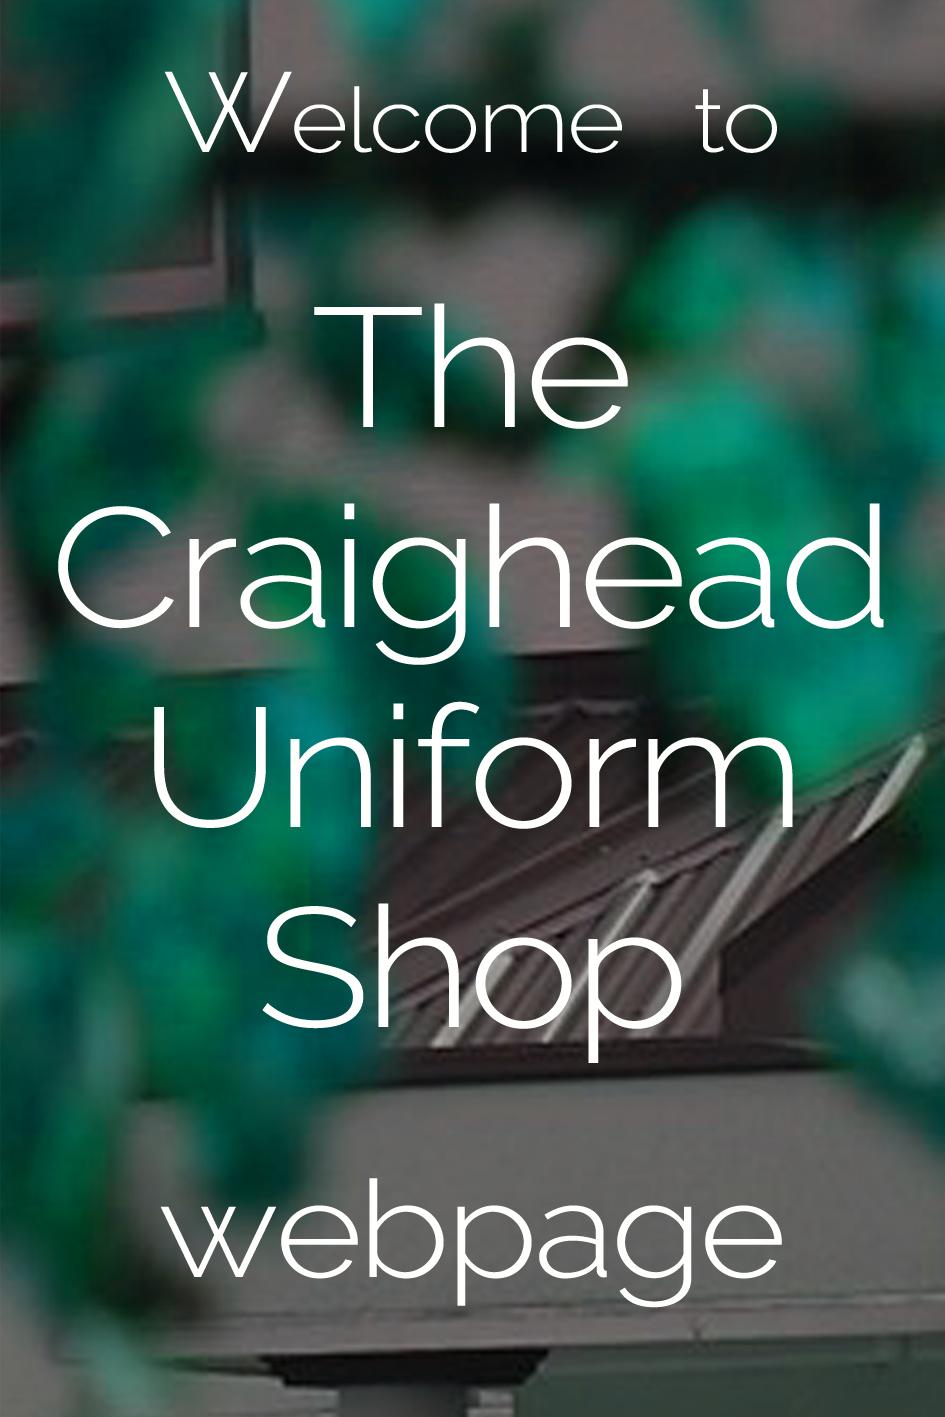 Uniform shop welcome5